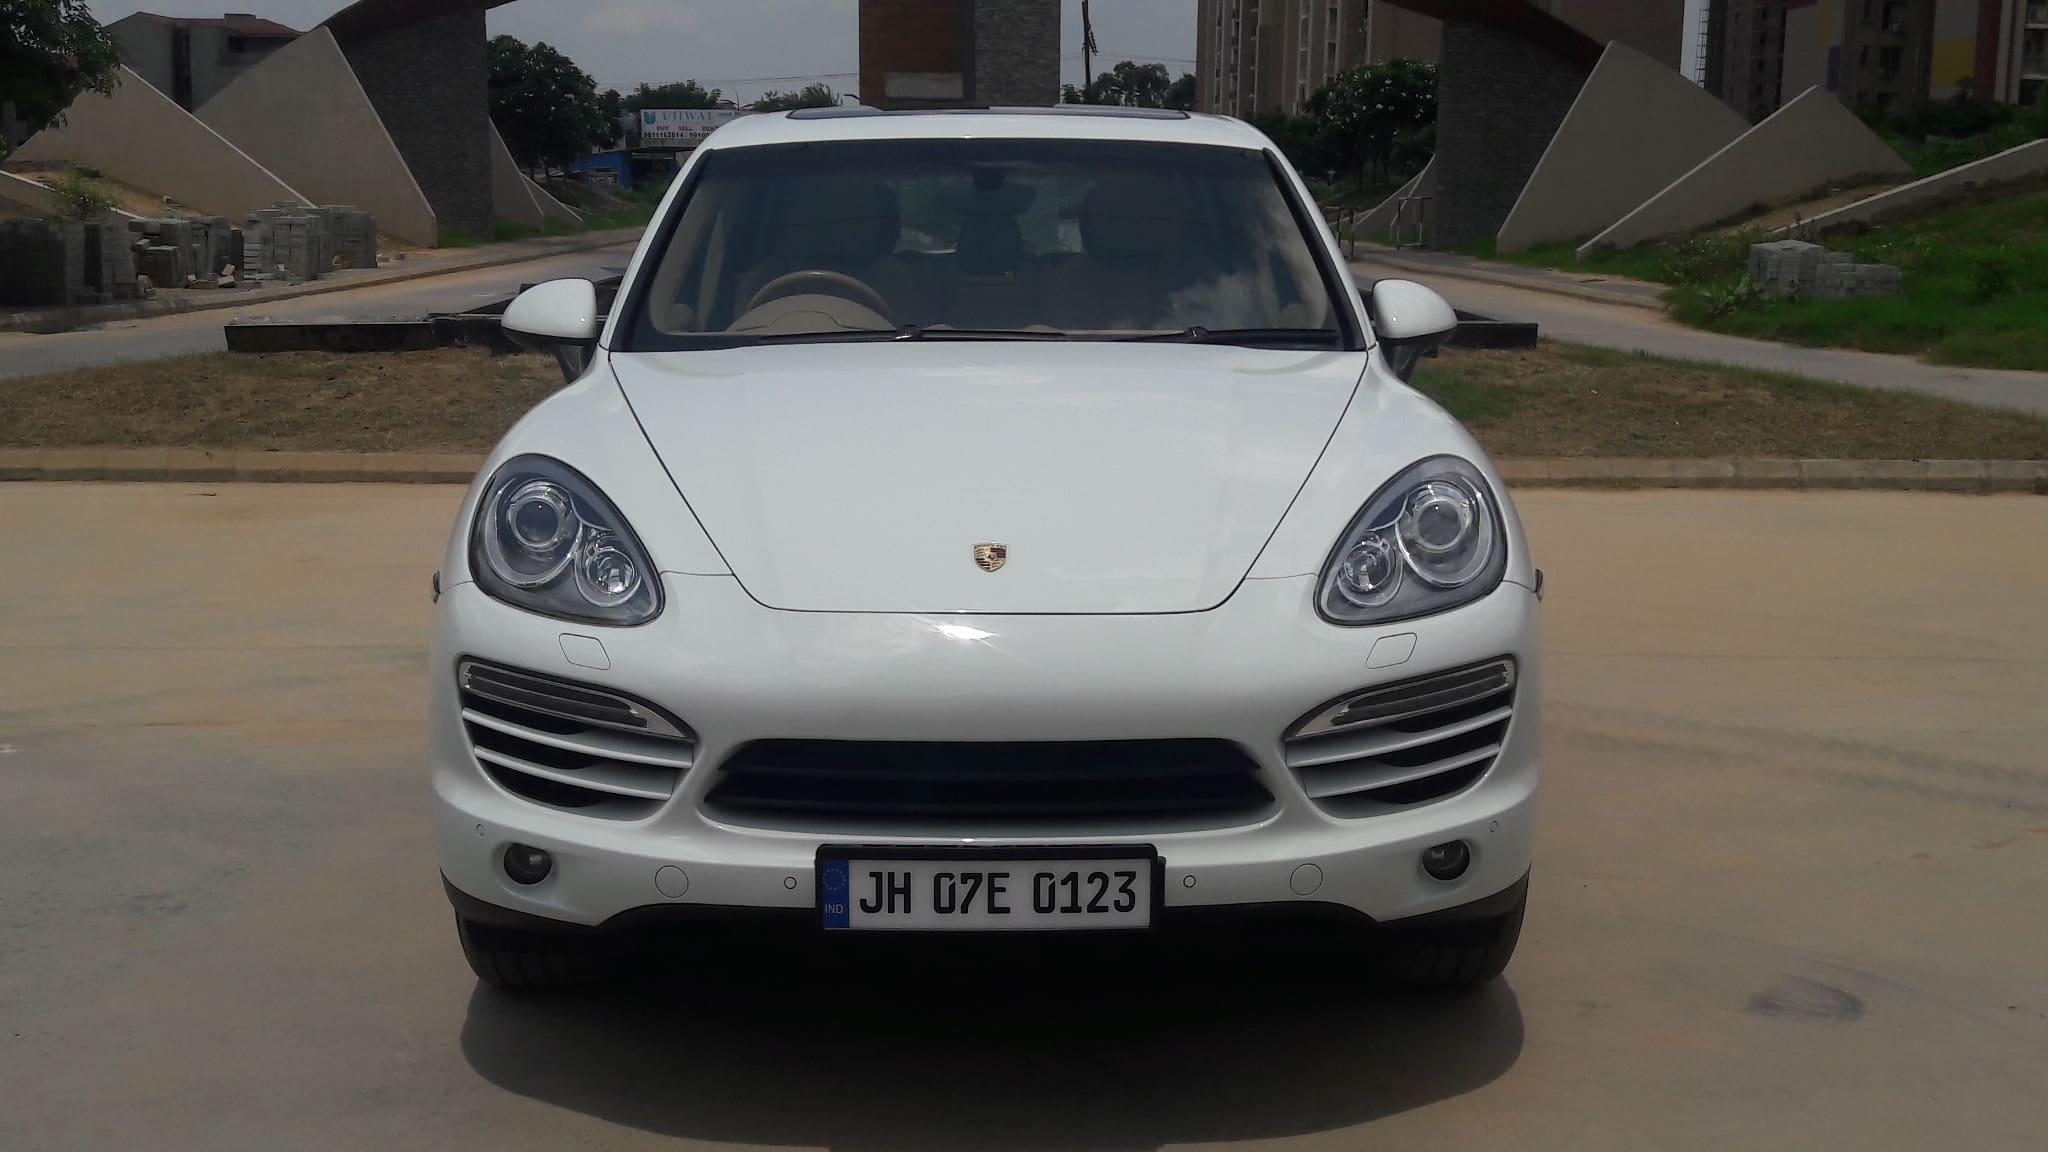 Used Porsche Cayenne 2003 2009 Diesel Platinum Edition 1142453